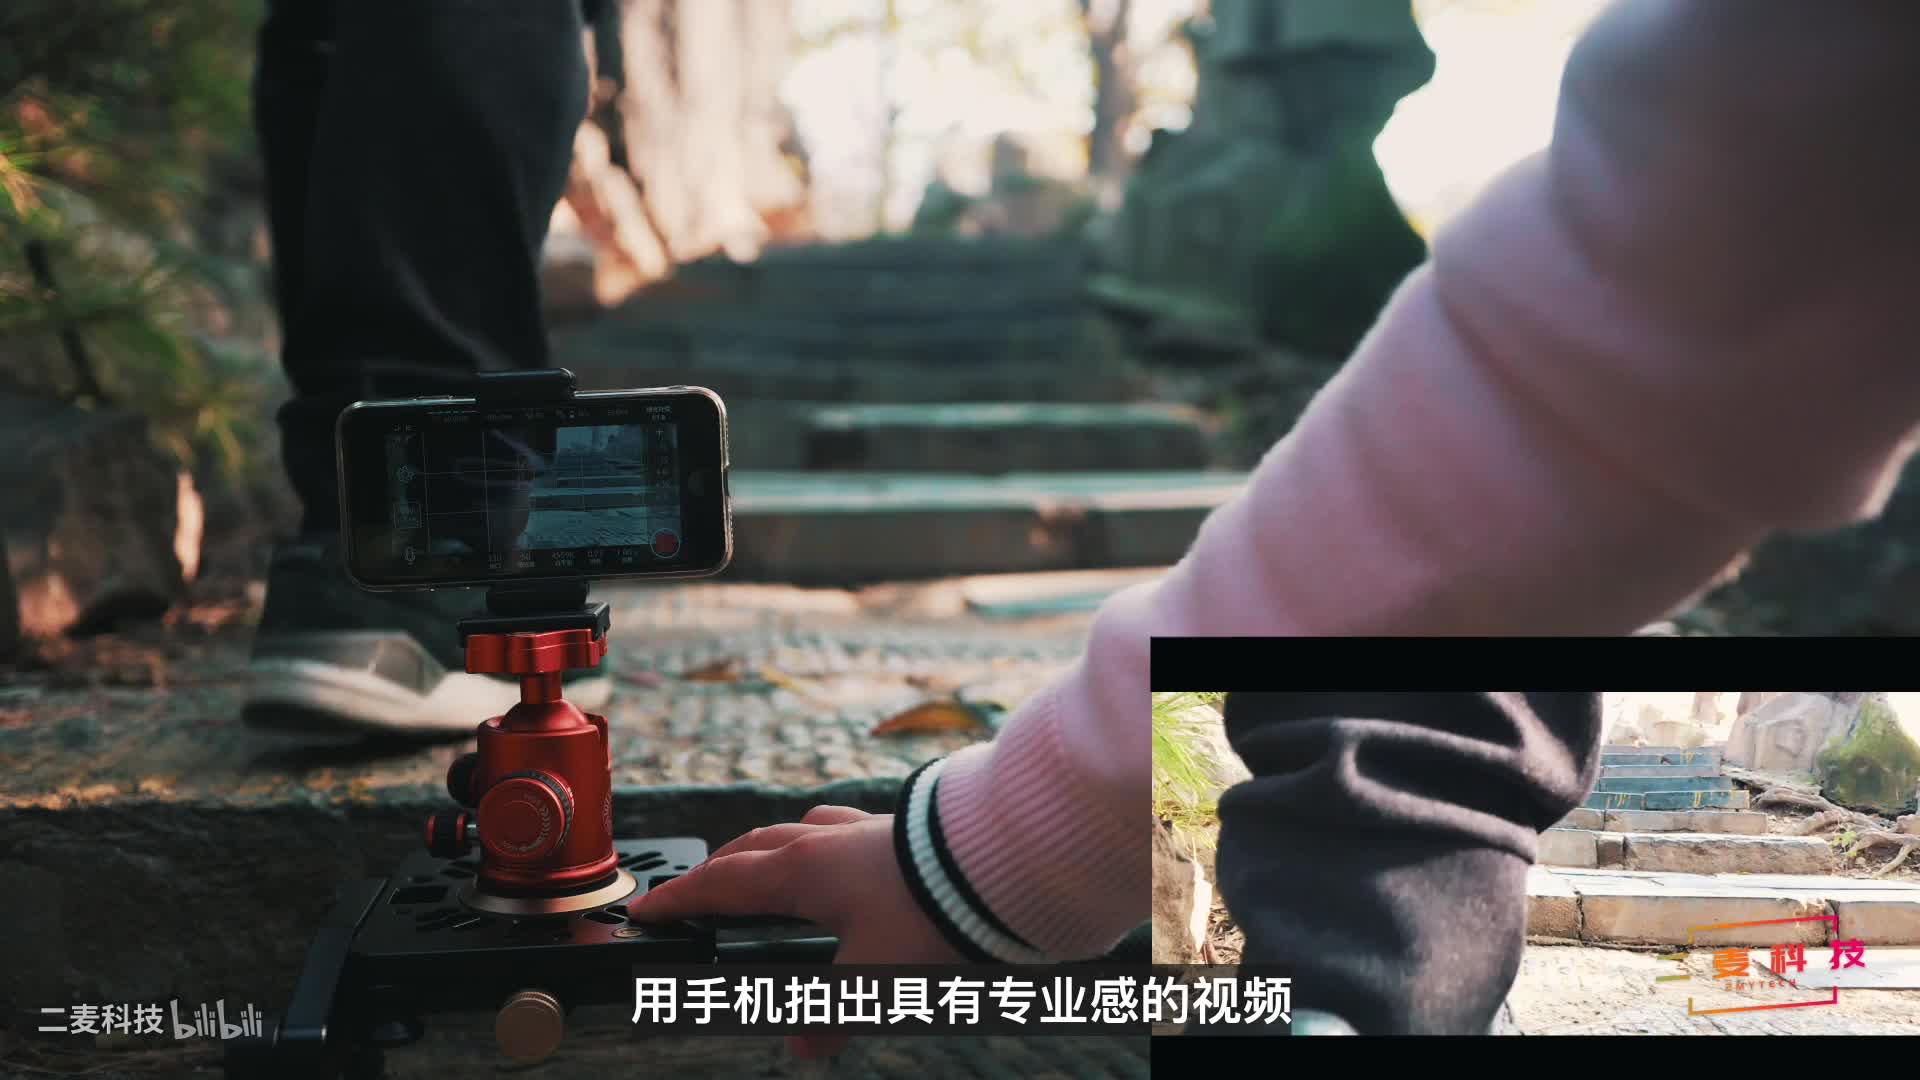 手机拍视频简单高效的五镜头拍摄法